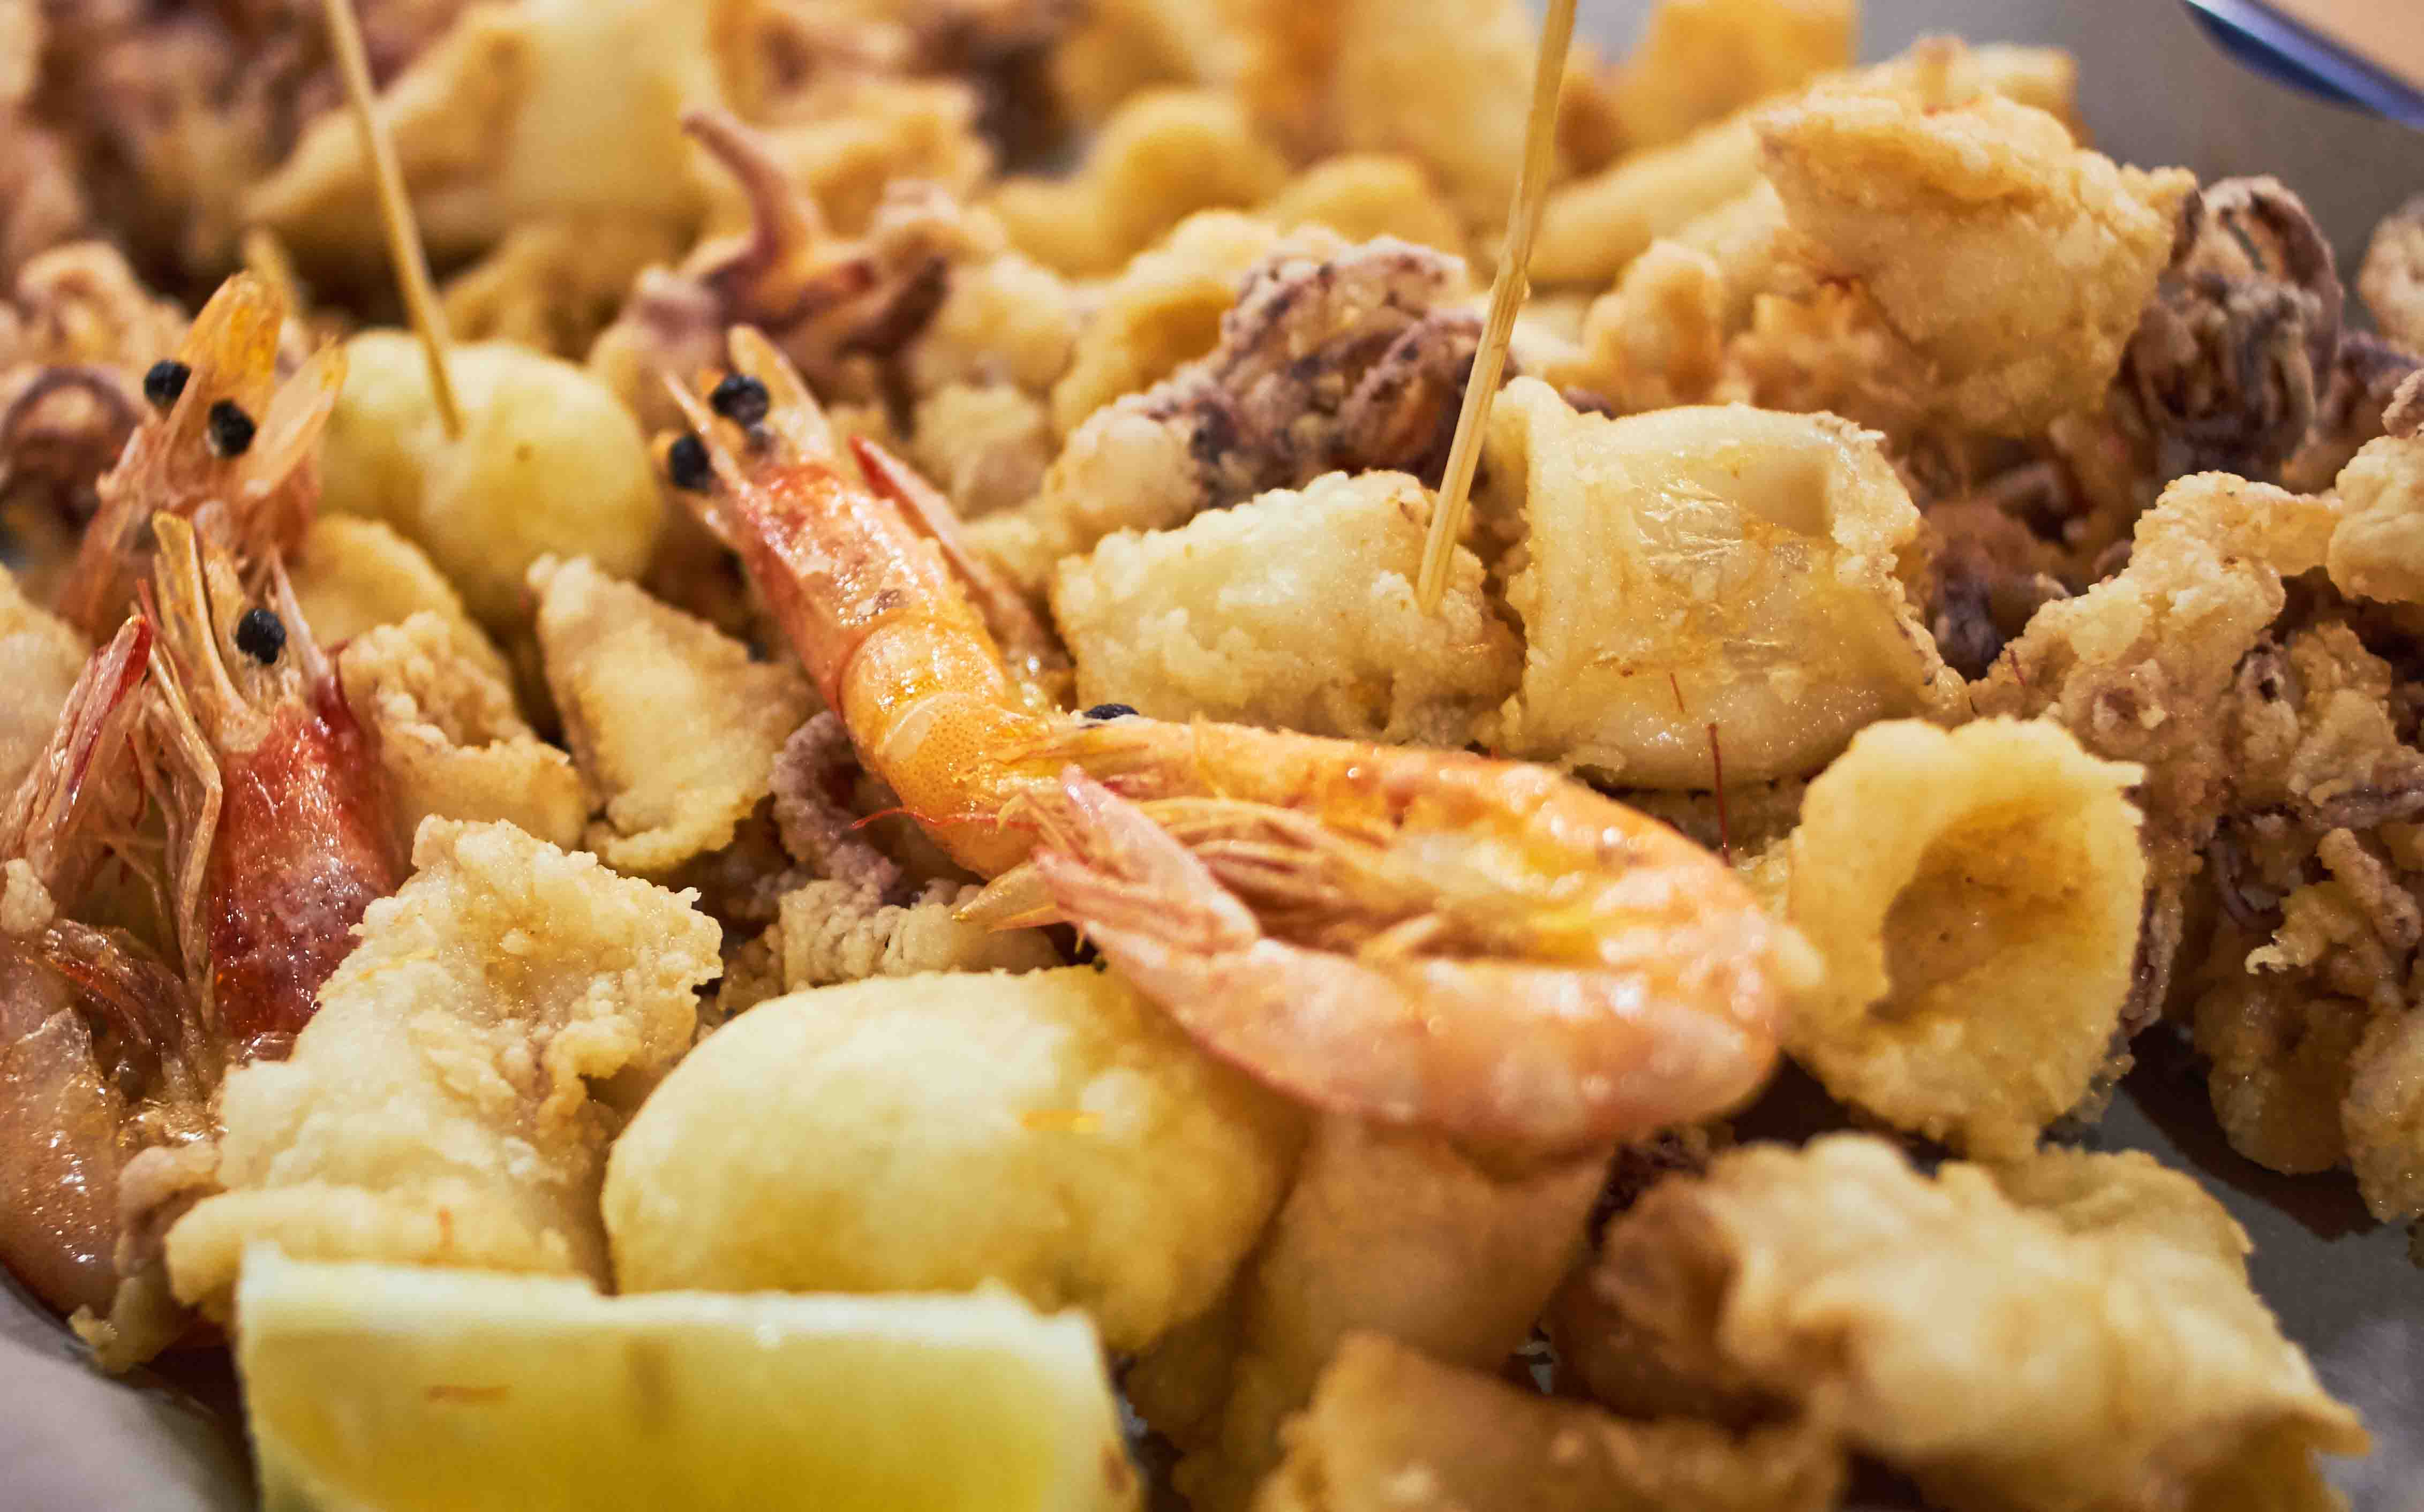 fritto-misto-isole-eolie-ristorante-filippino-lipari.jpg